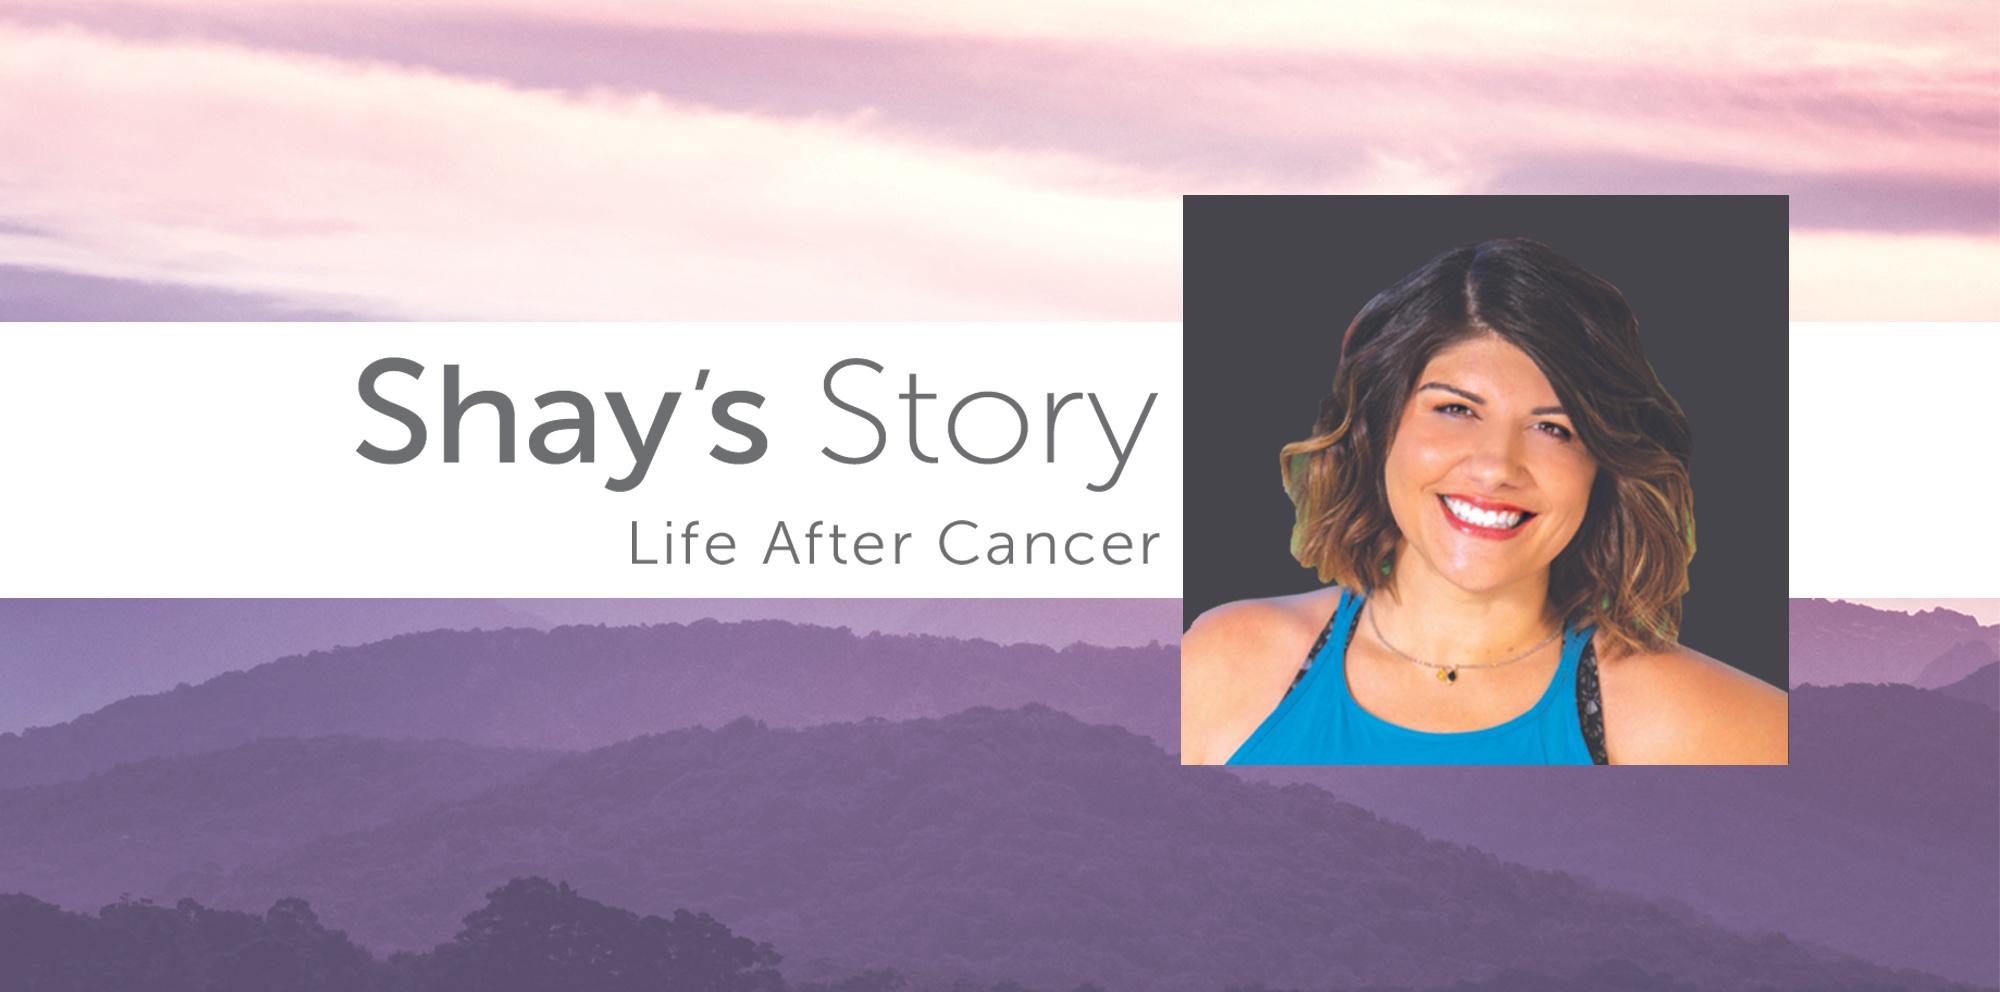 Shay's Story